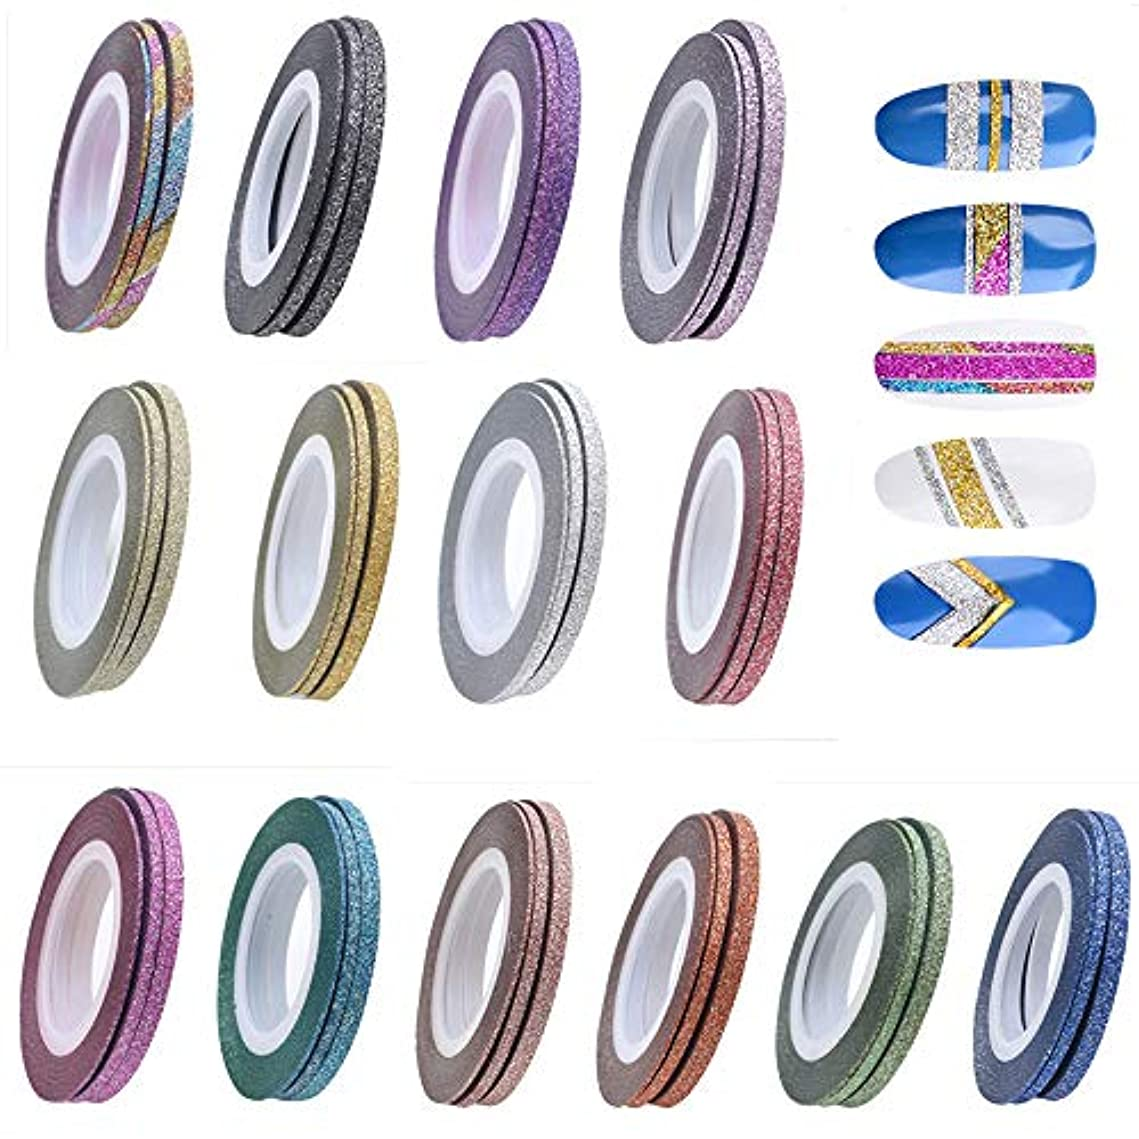 かけがえのない農民乱暴なネイルアート 艶消しラインテープ 42個セット(1mm/2mm/3mm各14色)ネイルデザインパーツ